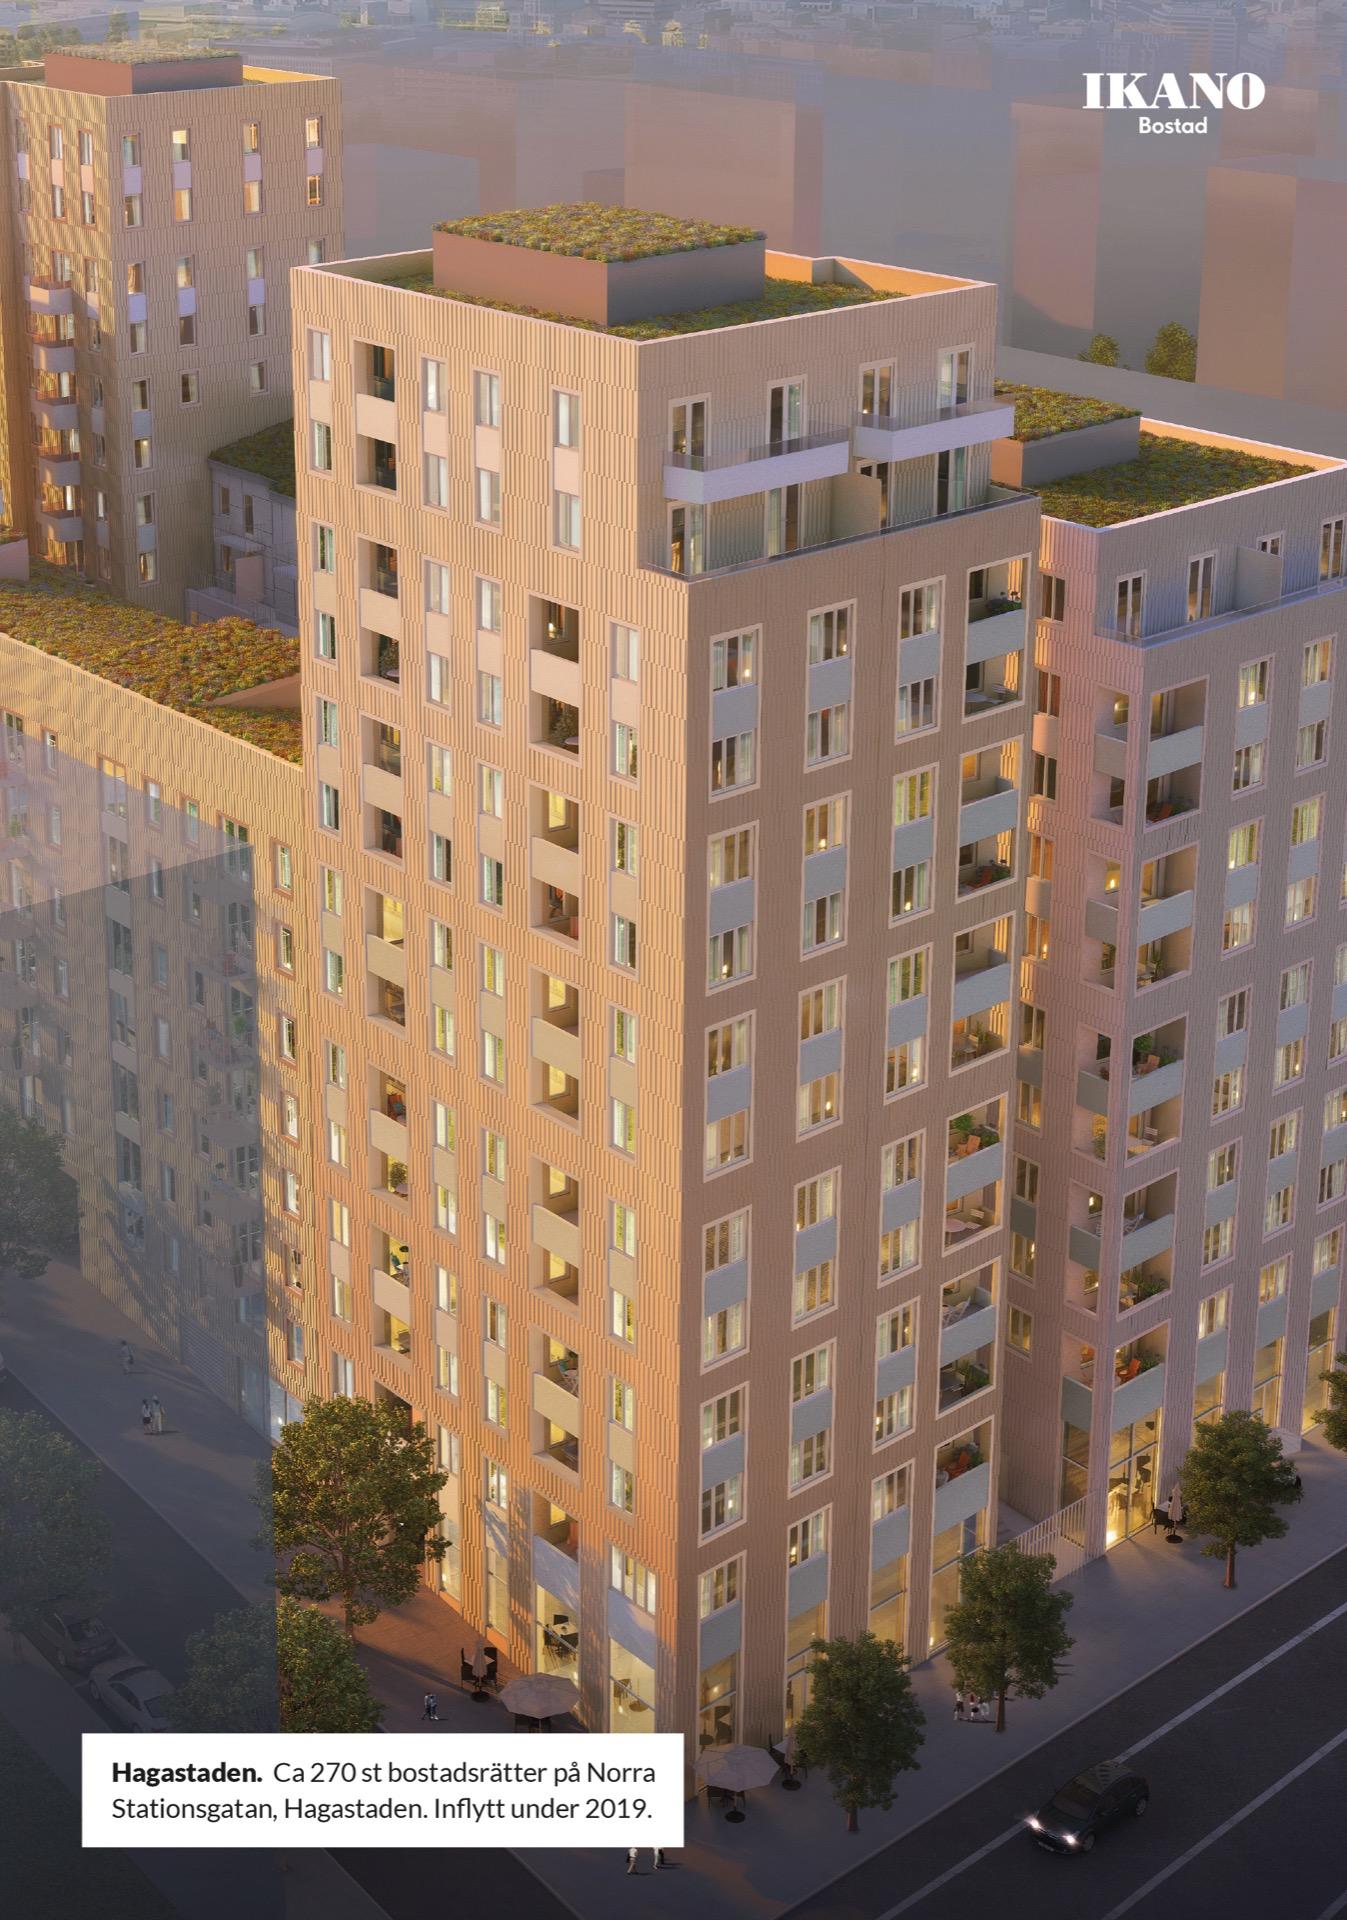 Hagastaden.  Ca 270 st bostadsrätter på Norra Stationsgatan, Hagastaden. Inflytt under 2019.Ikano Bostad